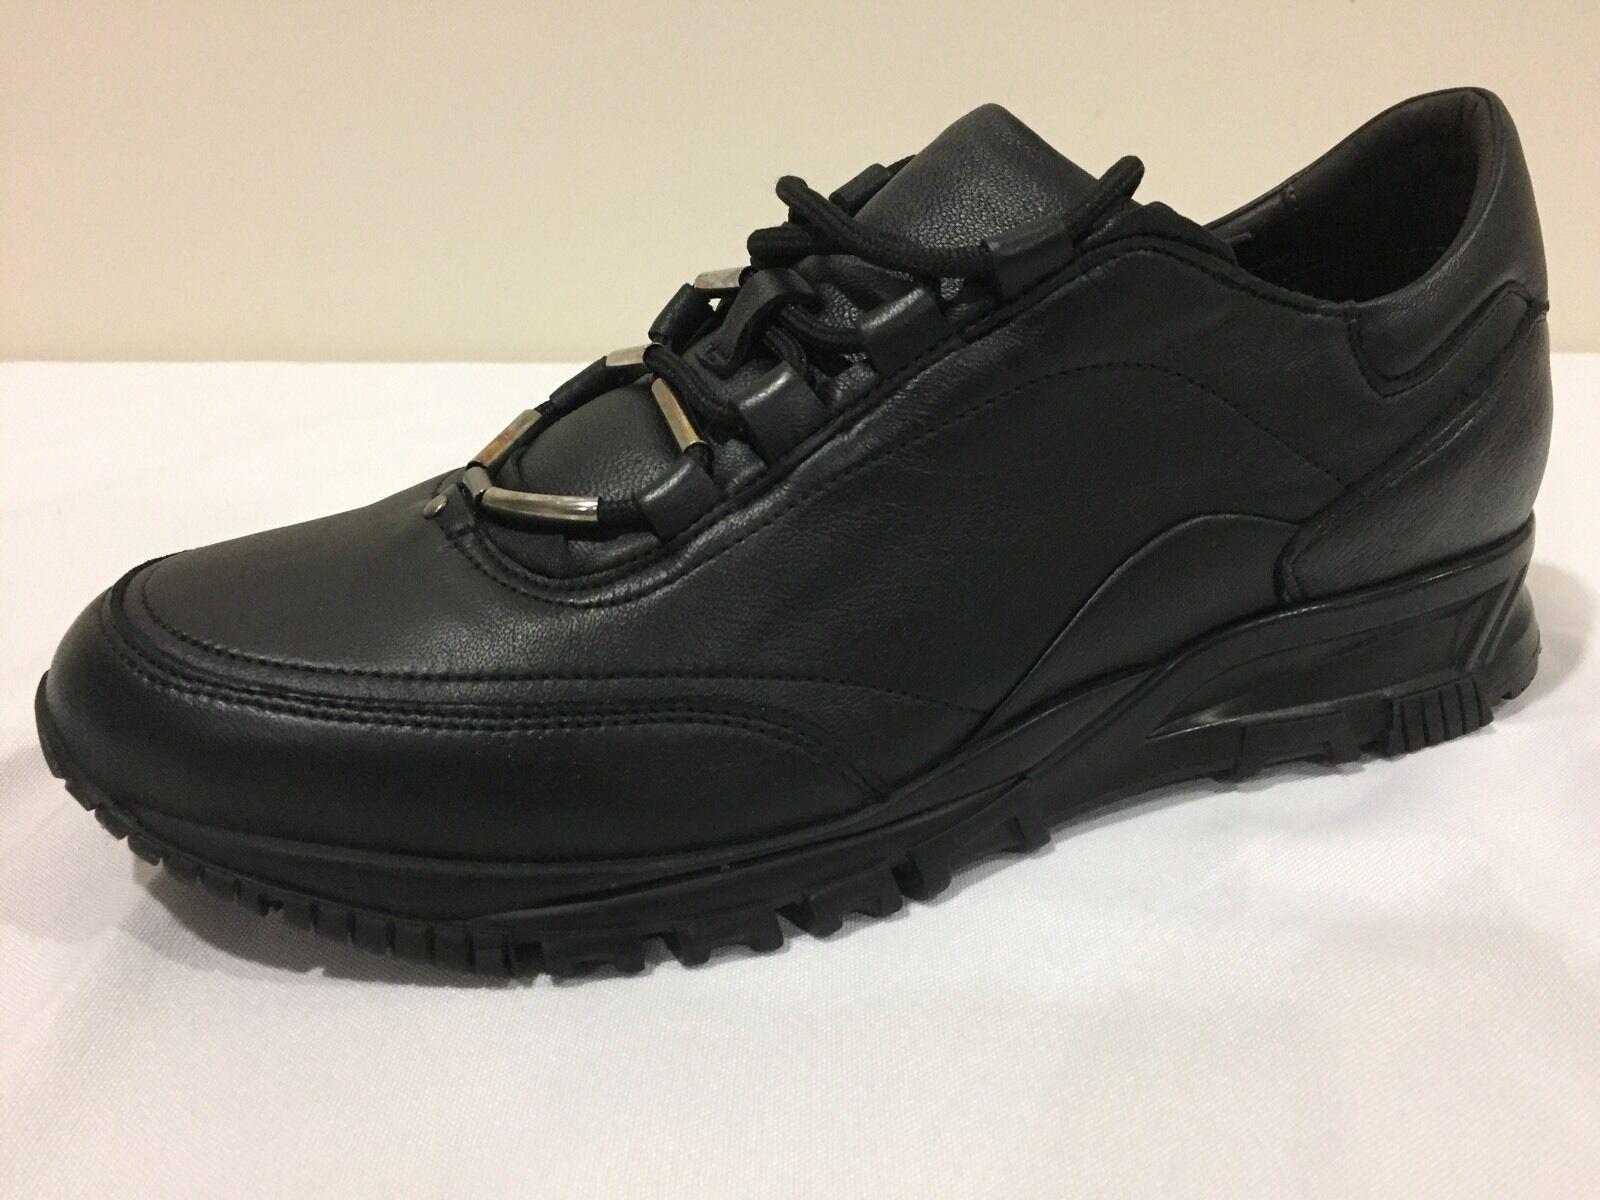 New Lanvin nero Soft Calfskin Calfskin Calfskin Cross-Trainer Runway scarpe da ginnastica Dimensione 8  795.00 4e2dbe